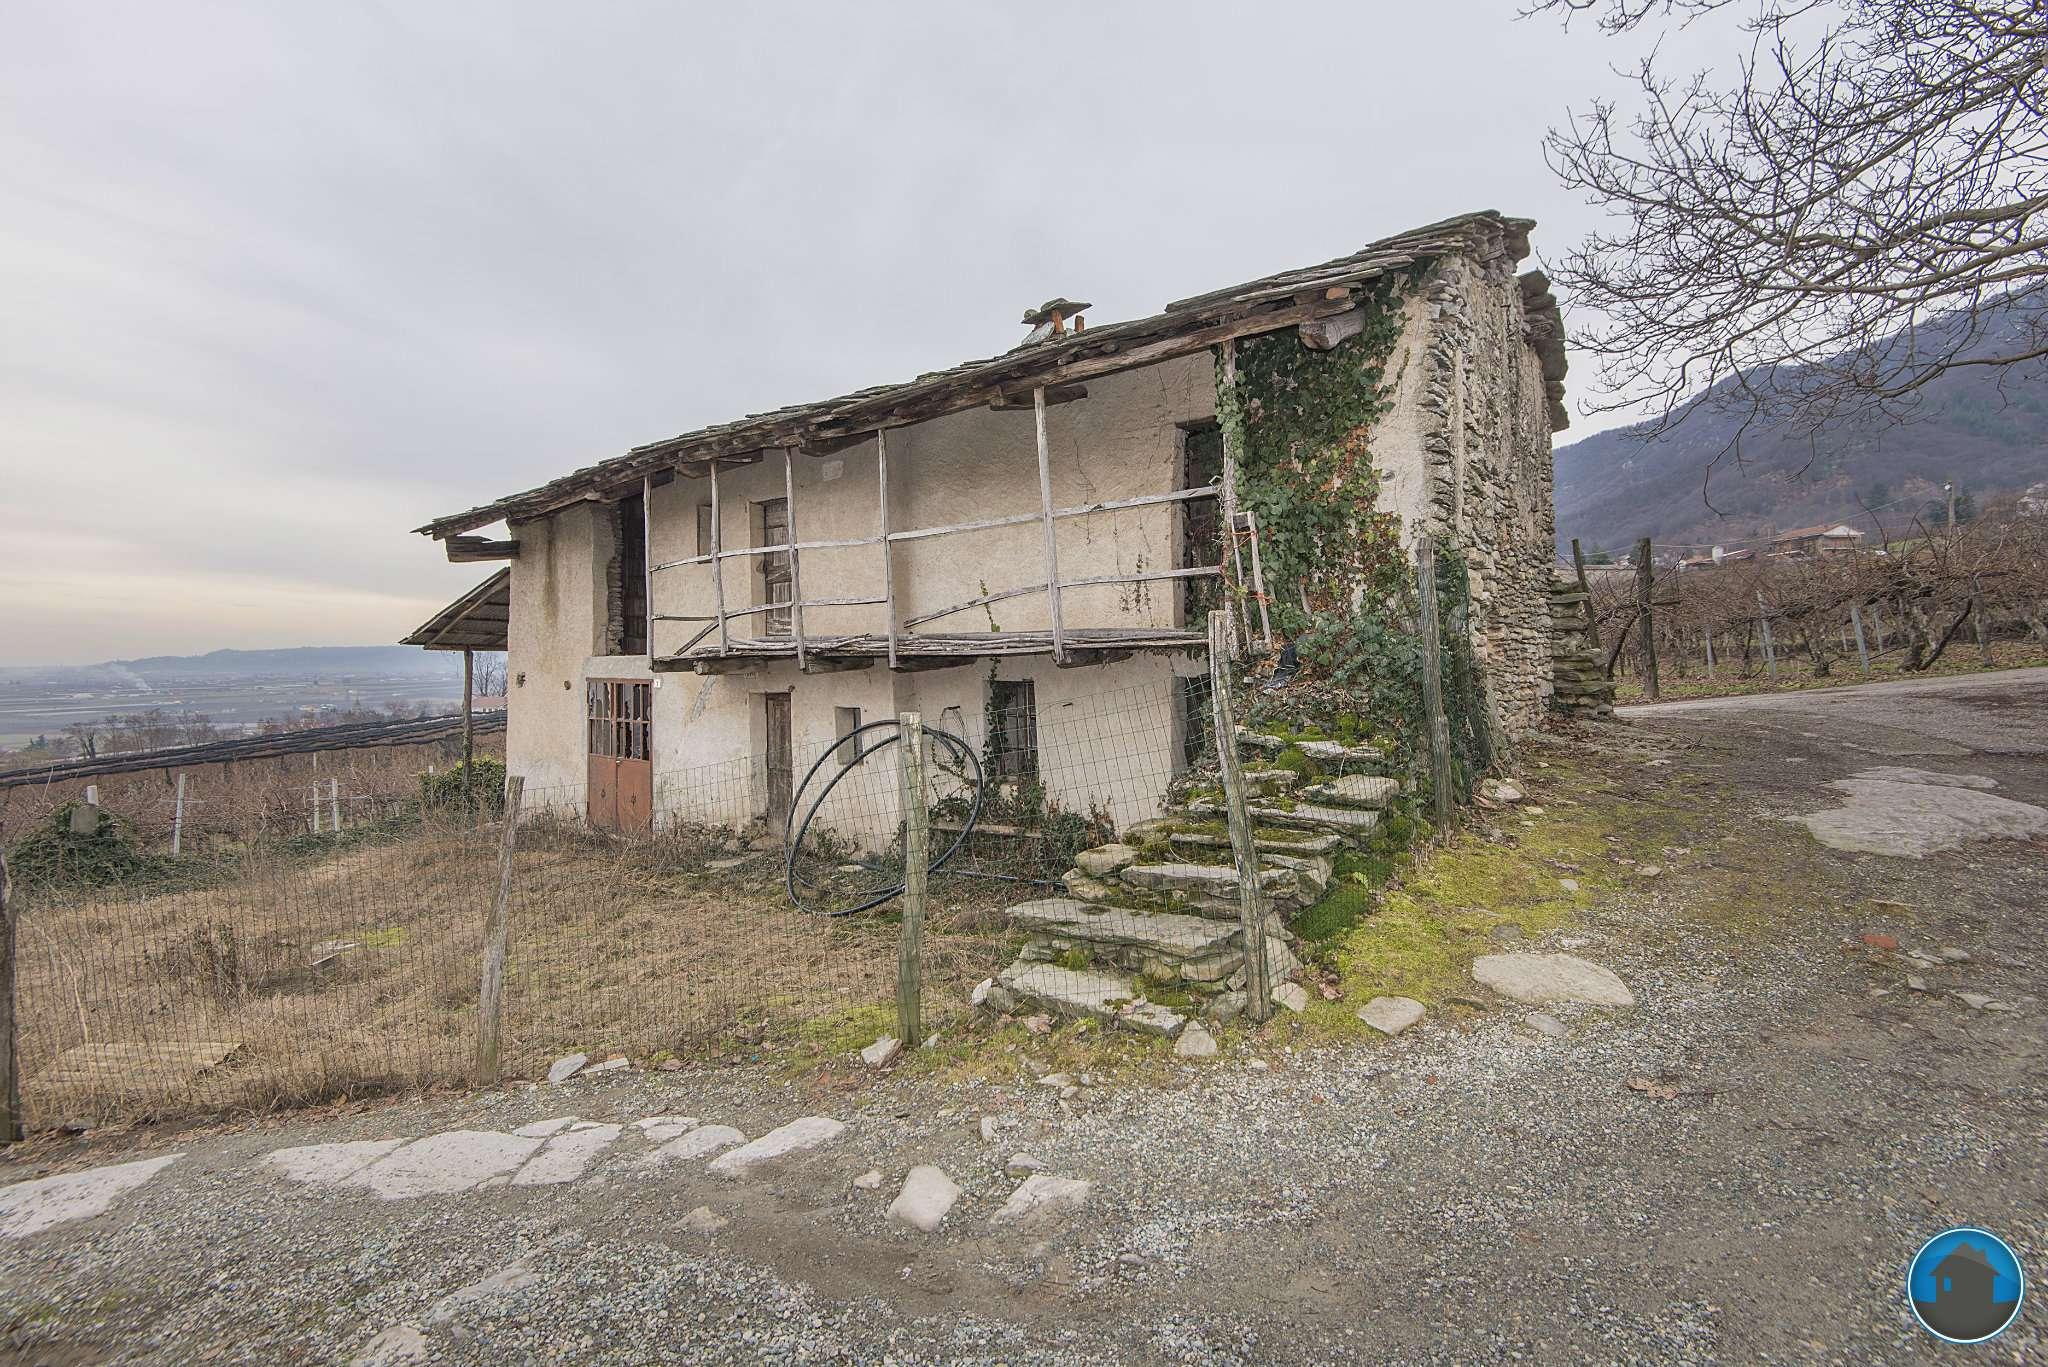 Rustico / Casale in vendita a Envie, 6 locali, prezzo € 24.000 | Cambio Casa.it